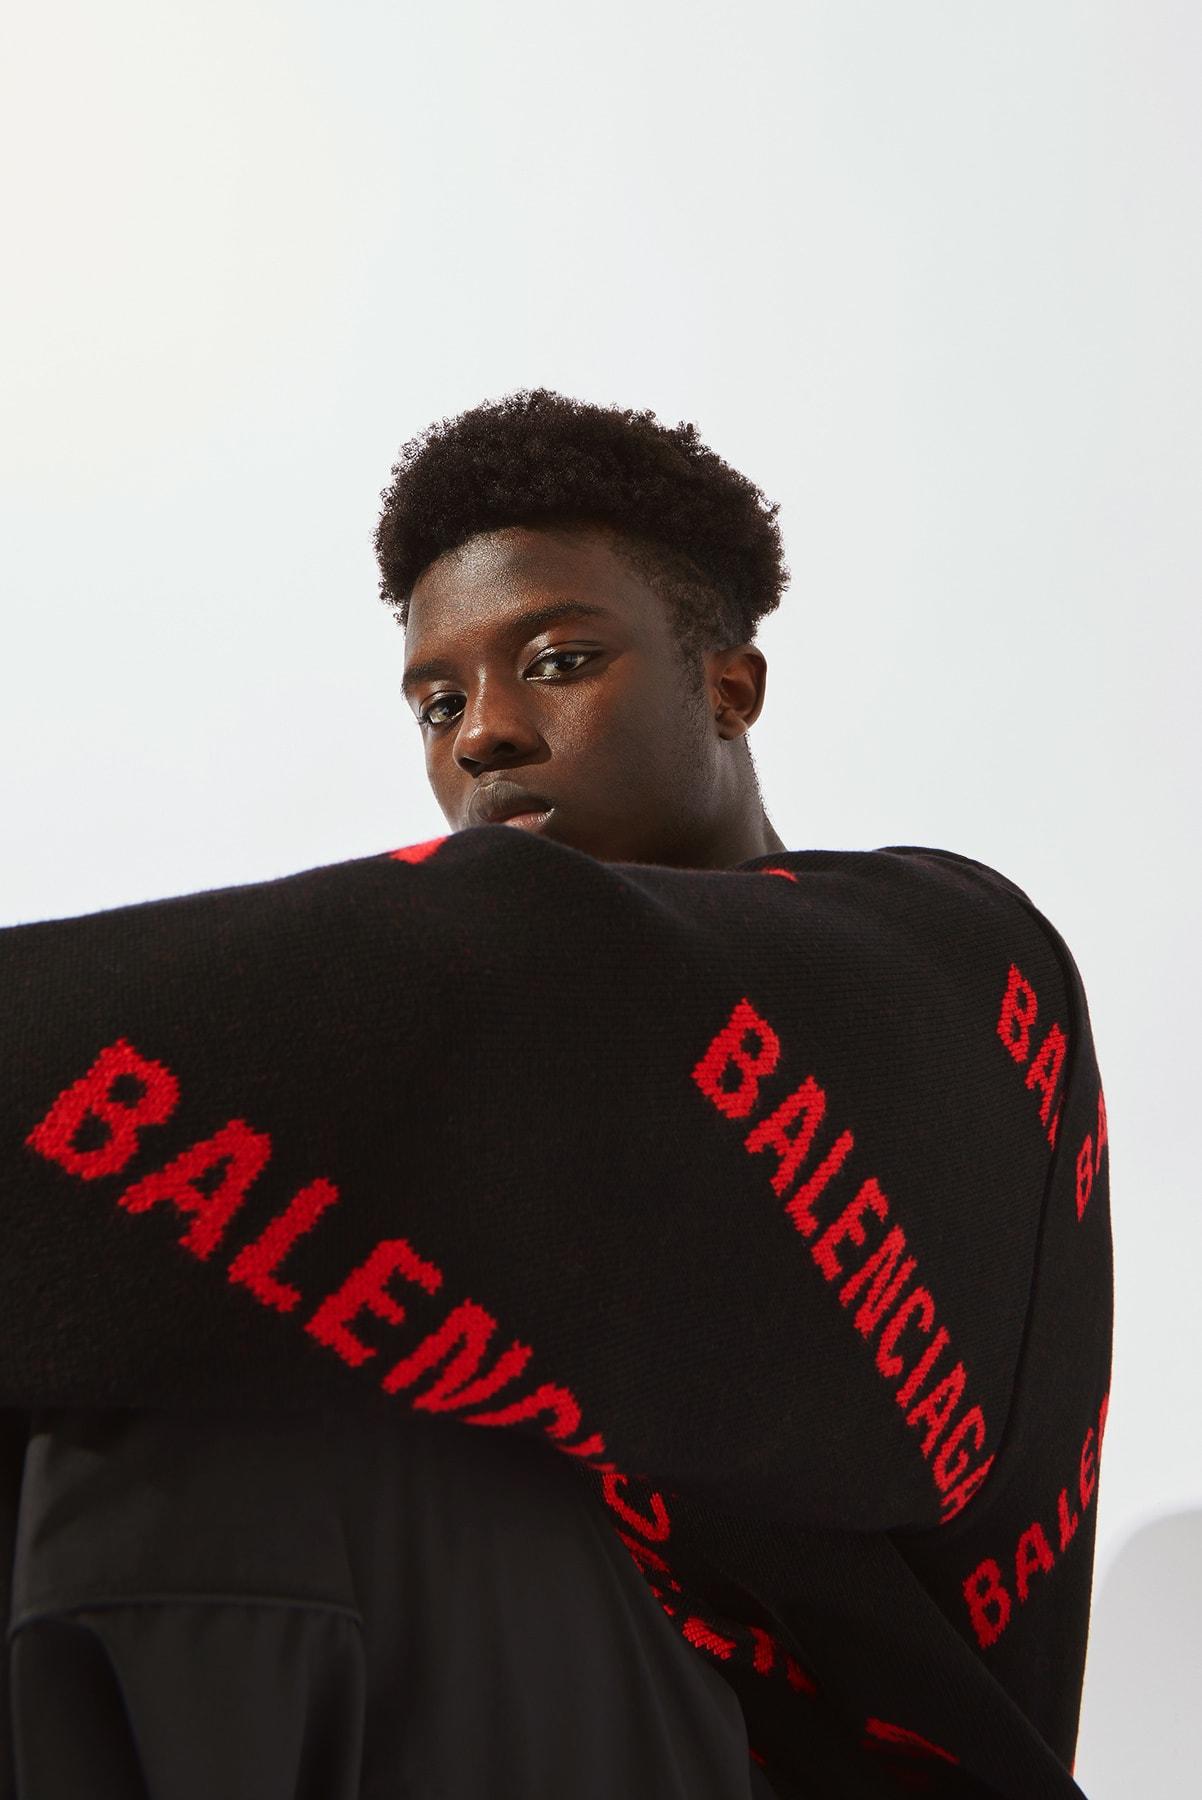 Balenciaga editorial for END.